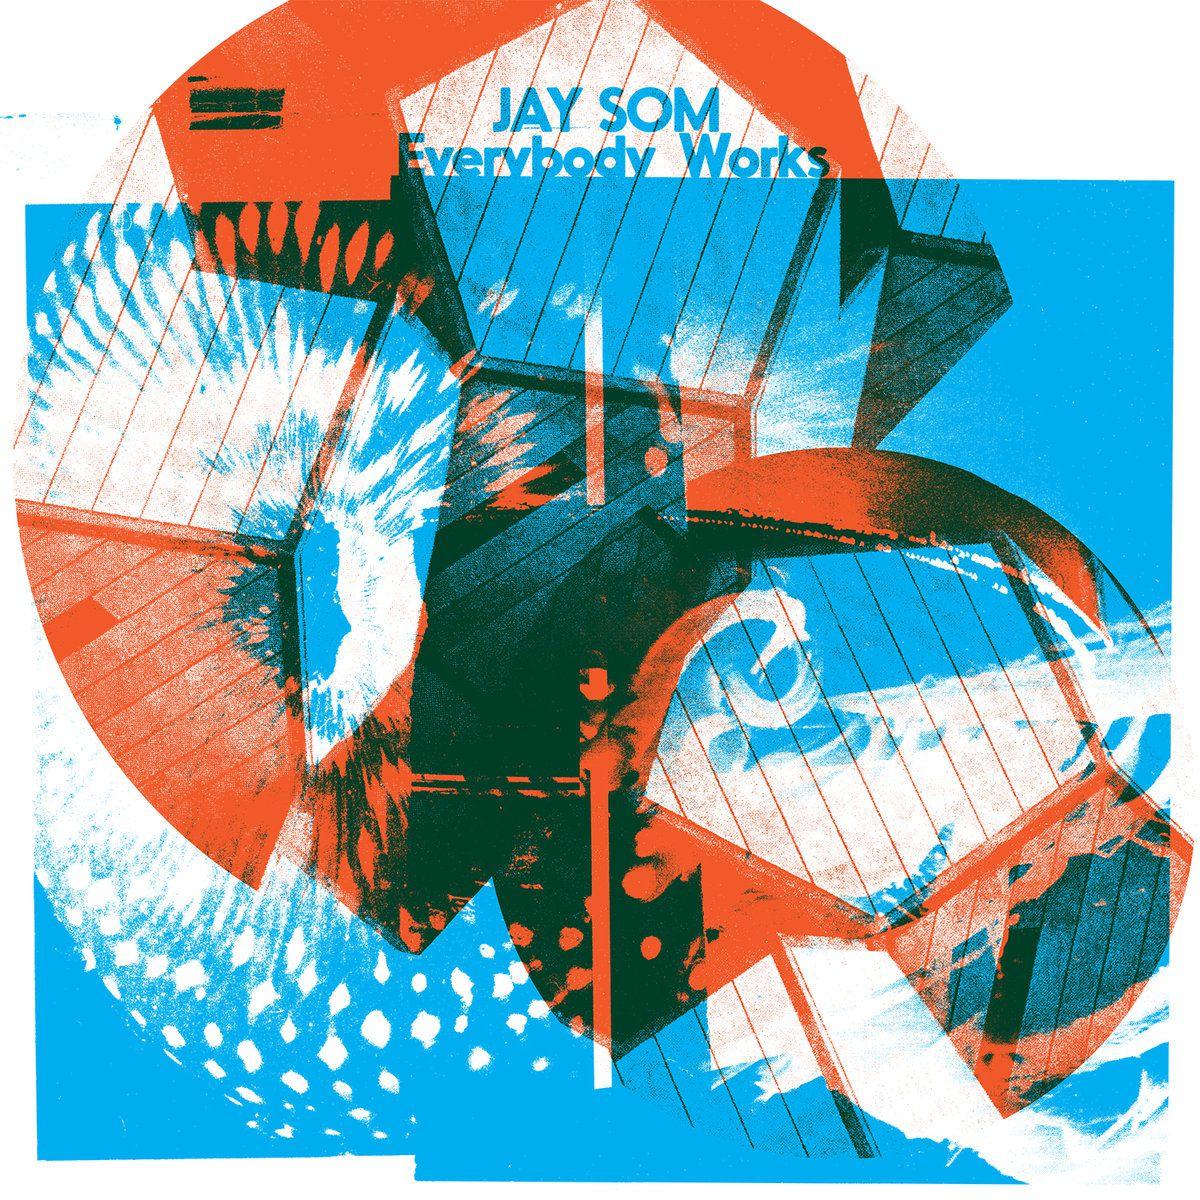 As várias camadas de cor de Jay Som em 'Everybody Works'